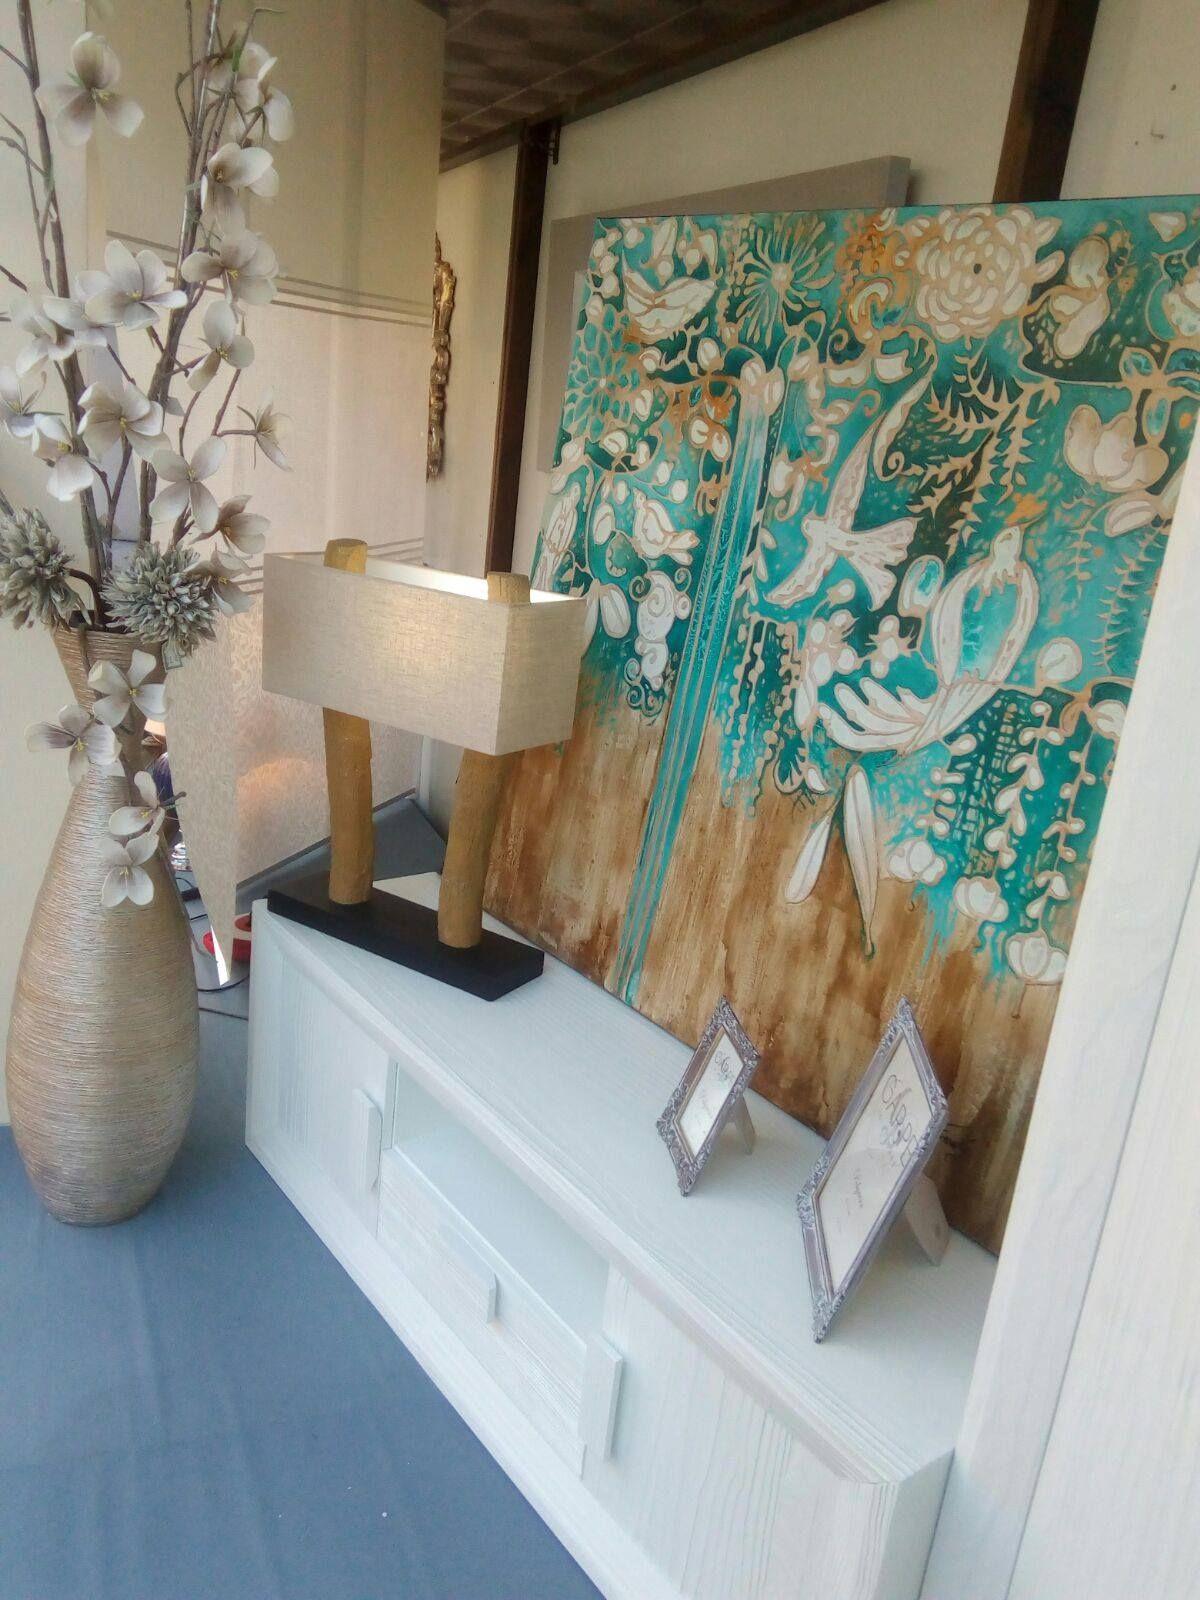 Tienda con objetos de decoración en Murcia